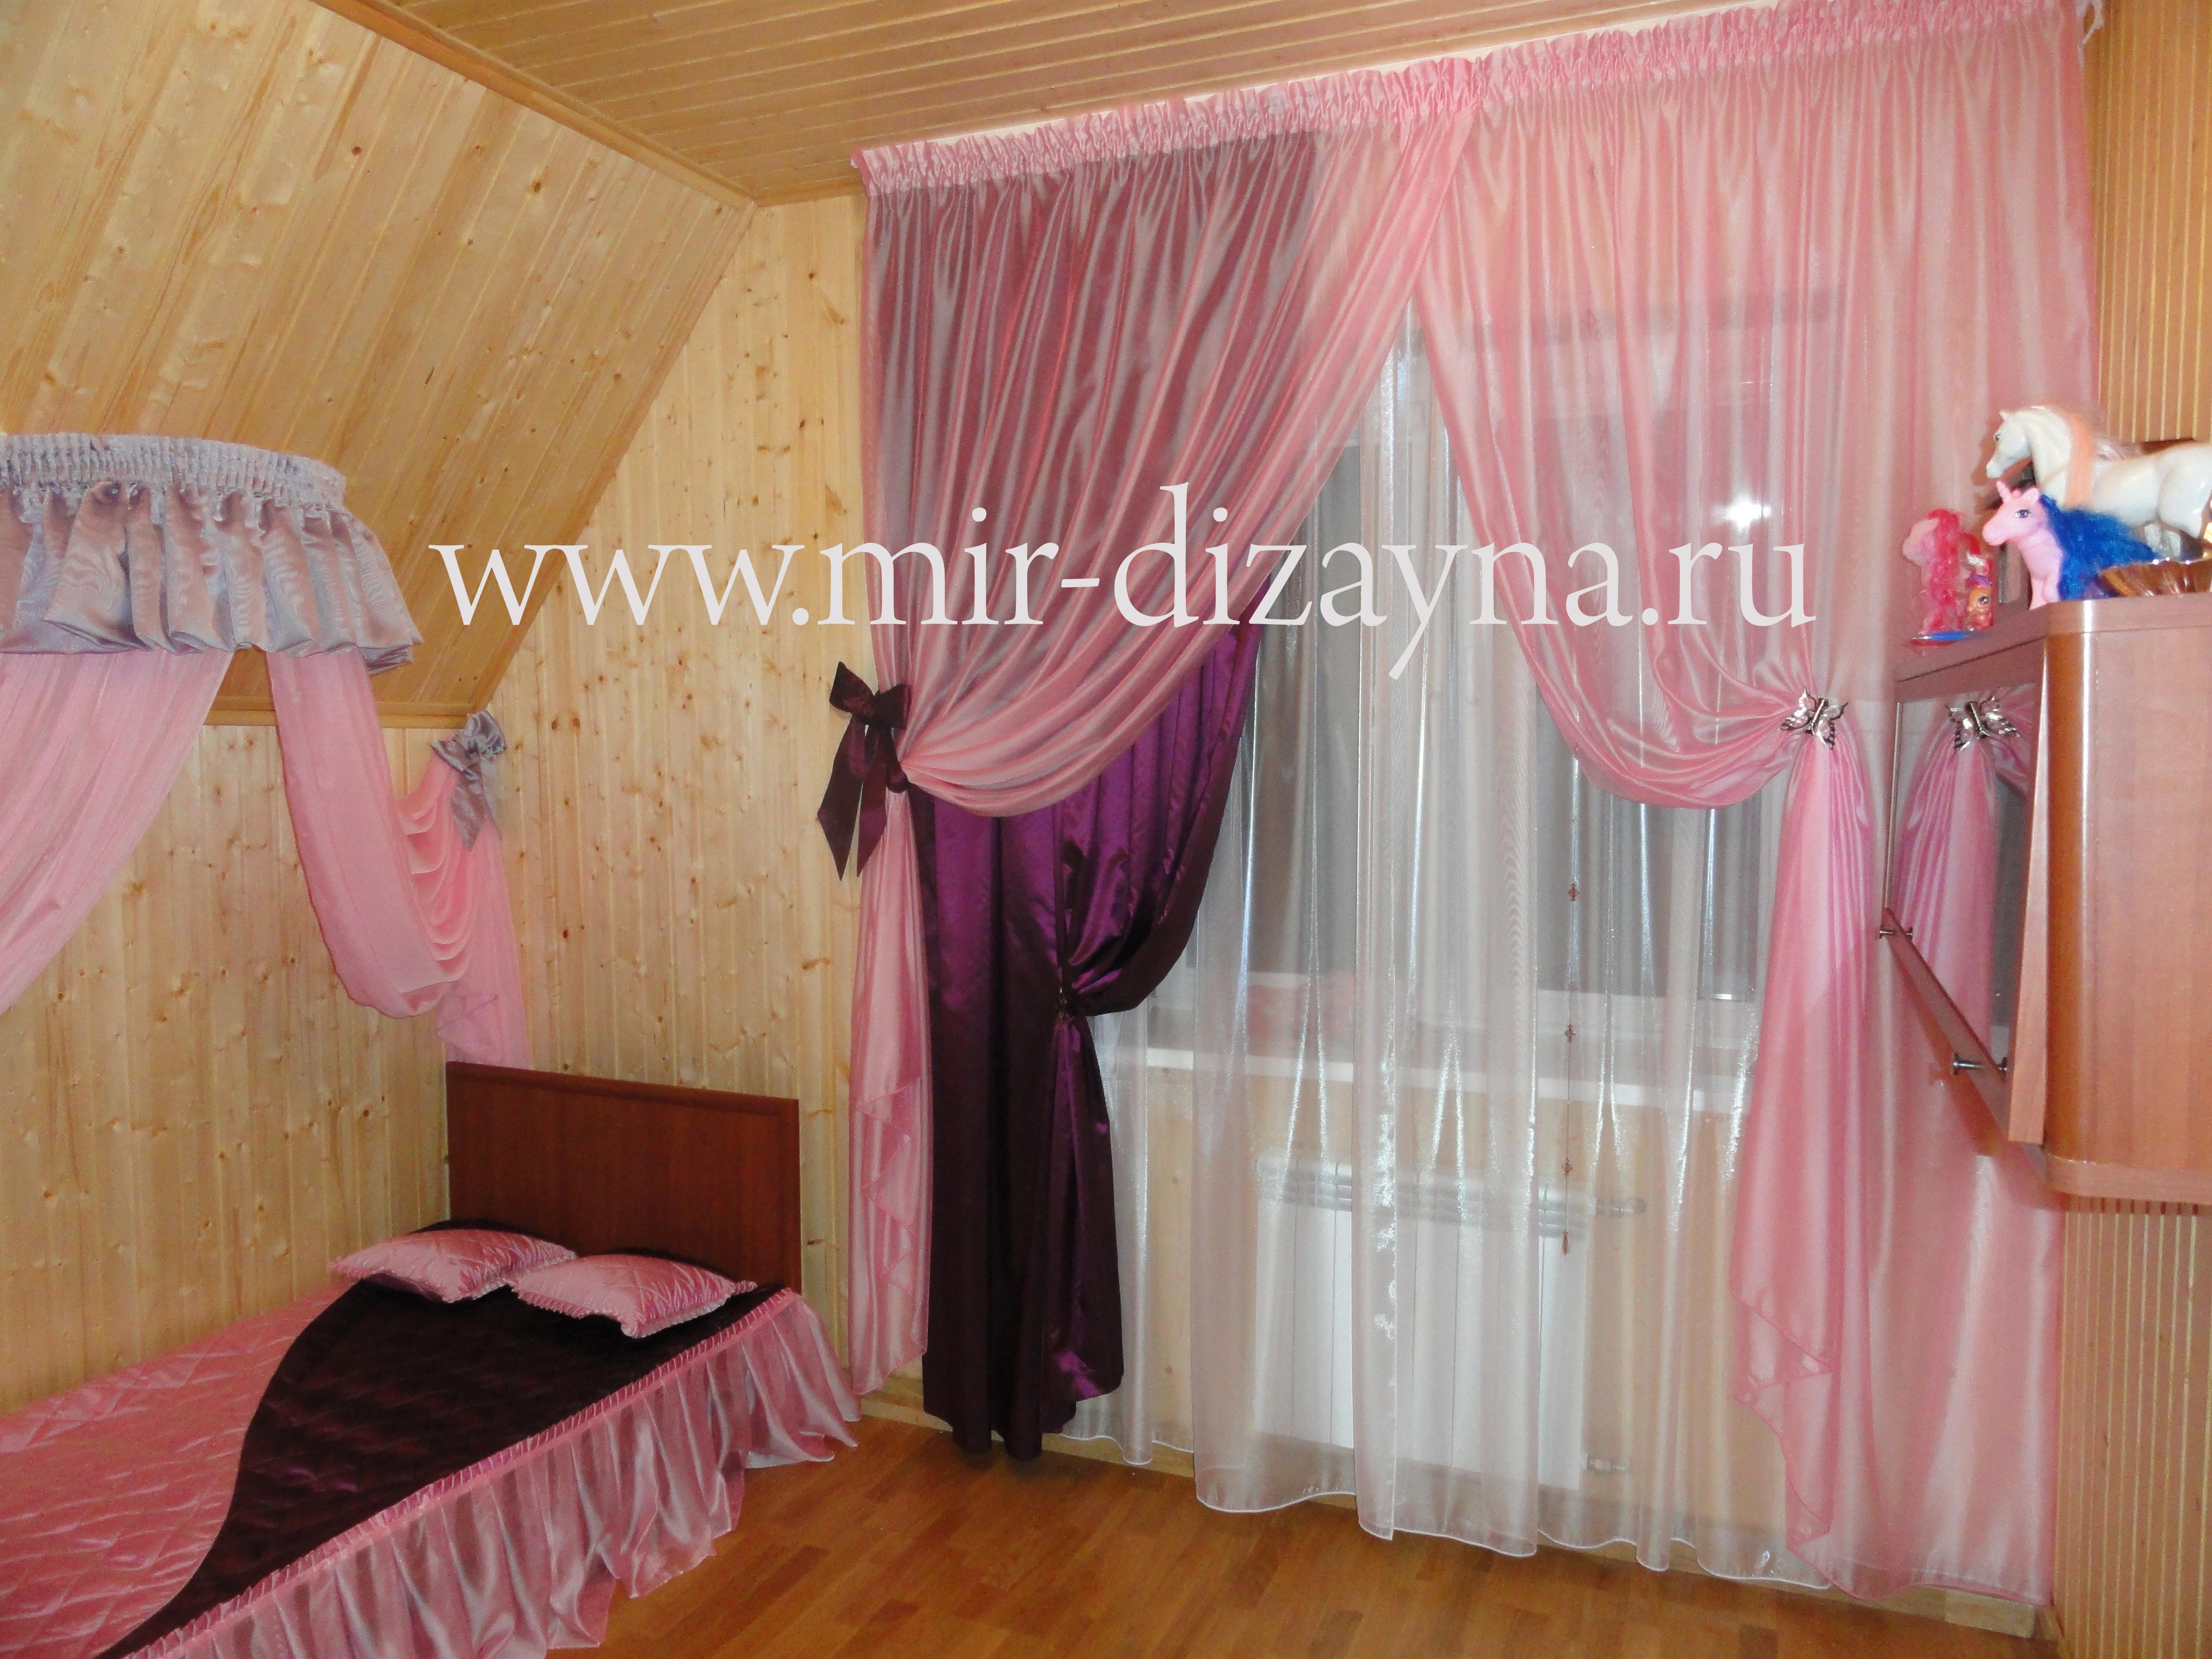 Дизайн штор в москве